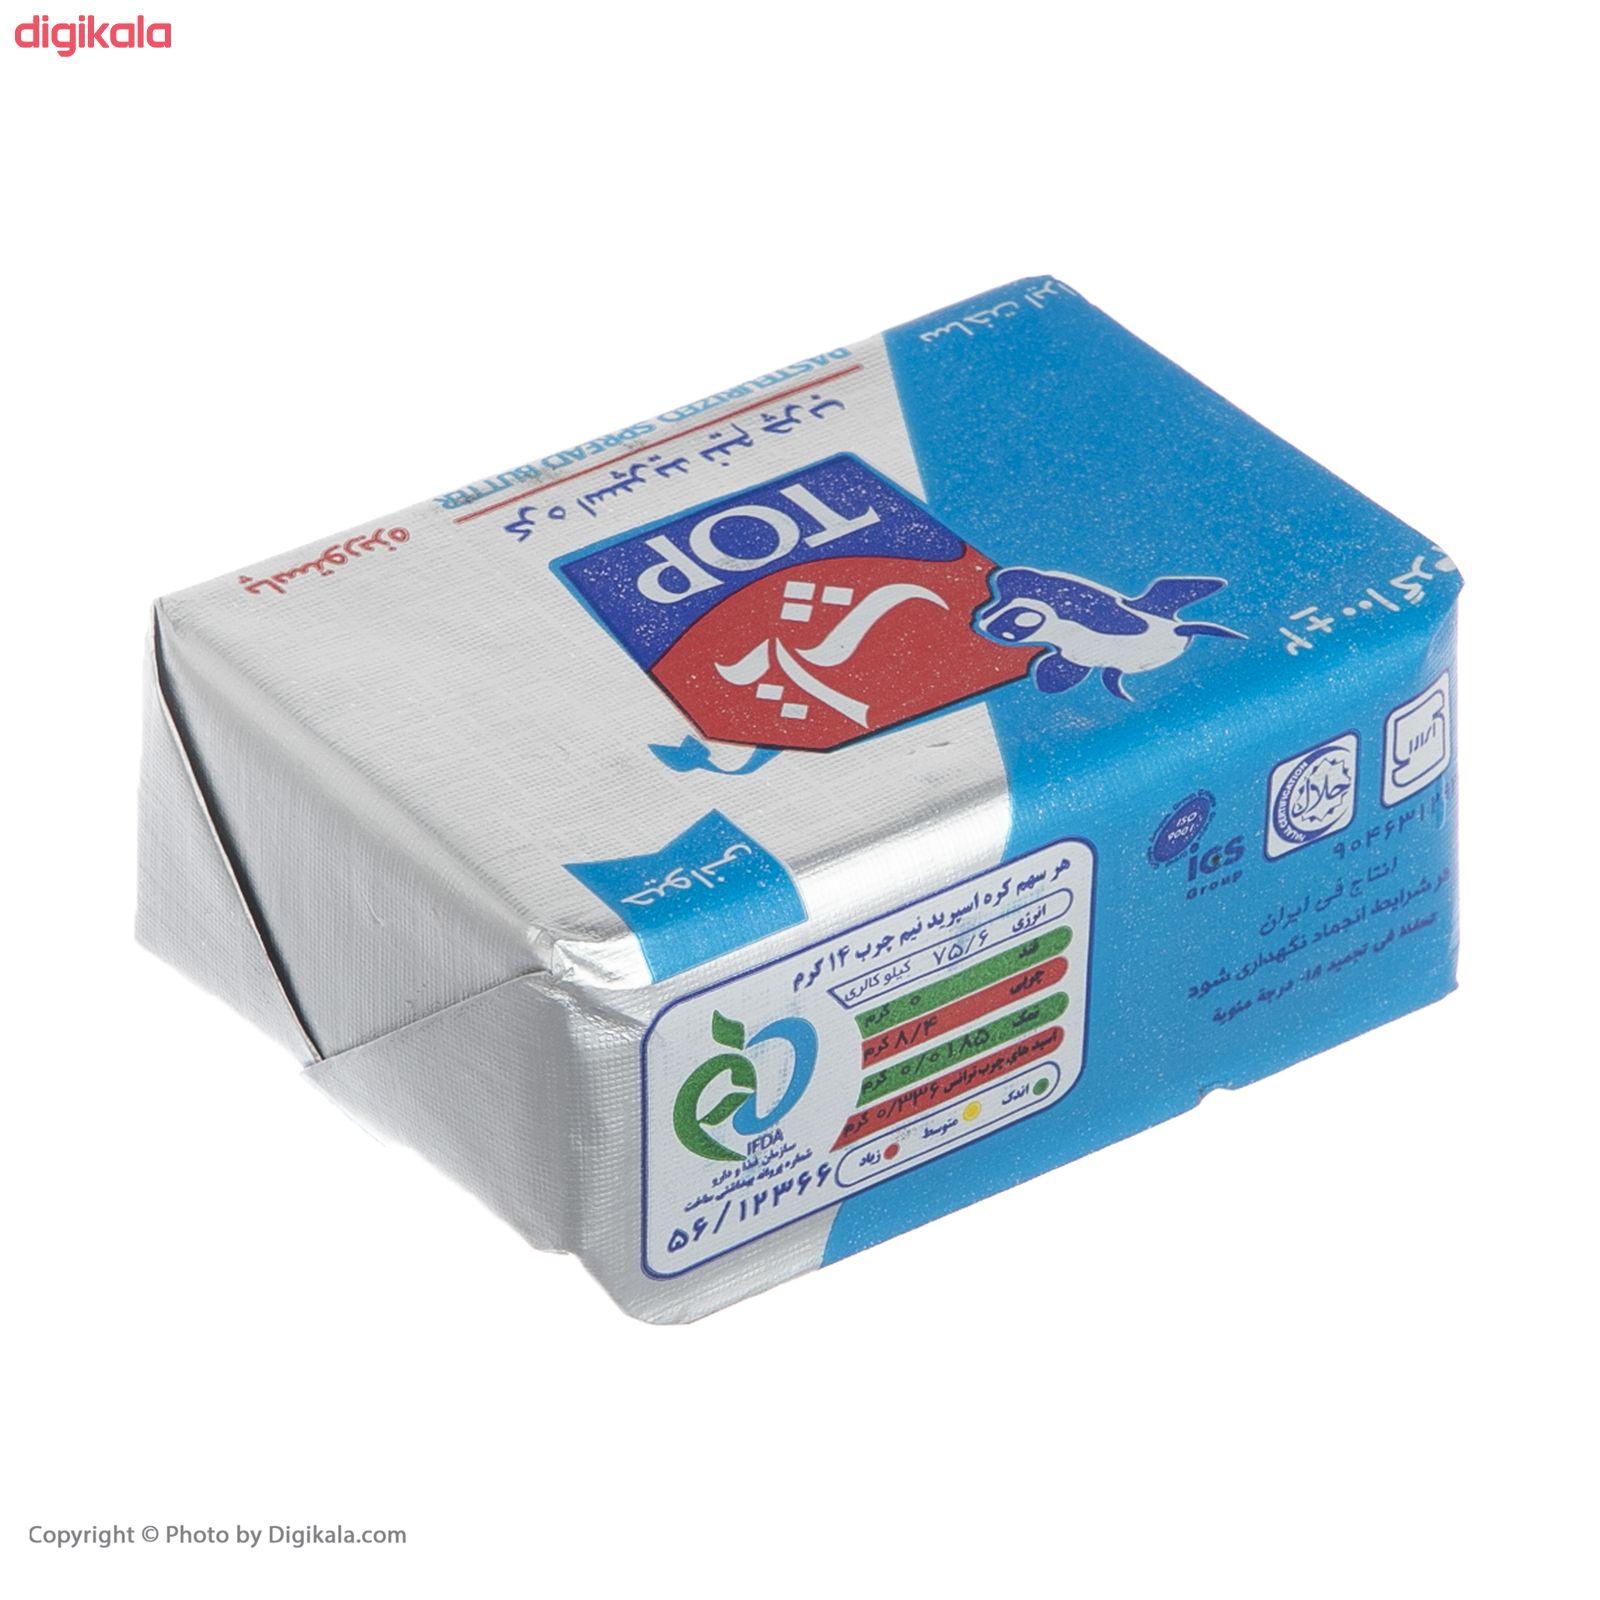 کره اسپرید تاپ - 100 گرم  main 1 2